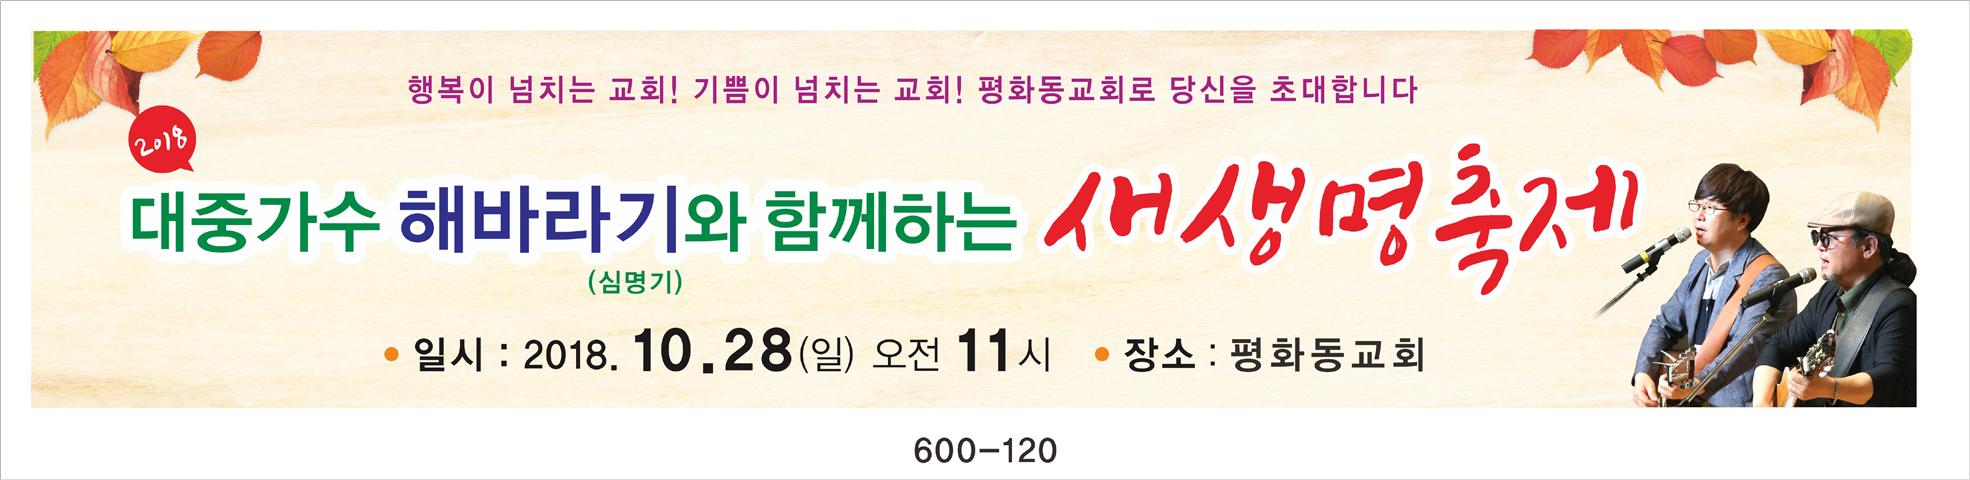 평화동교회 현수막(600-120).jpg